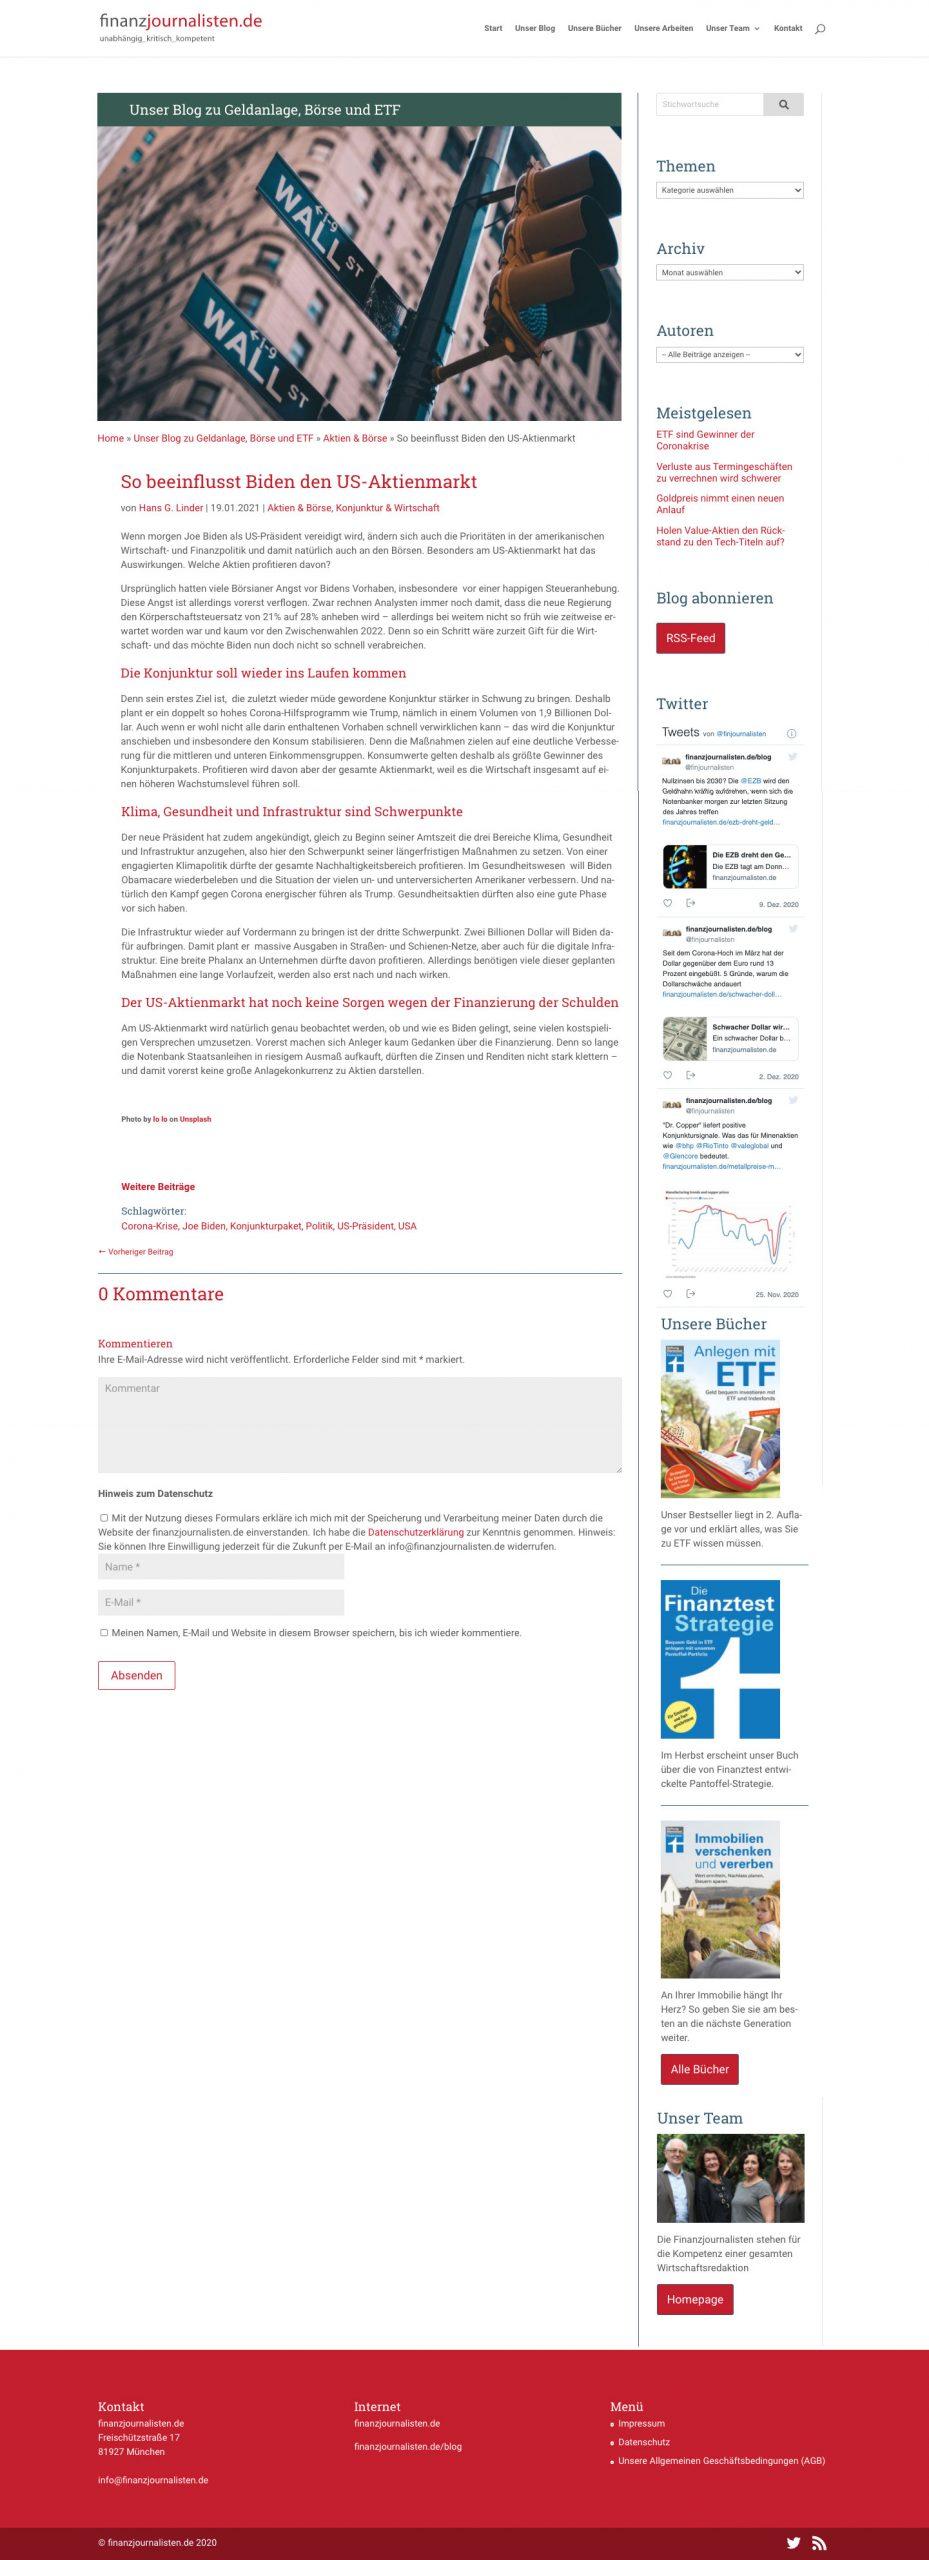 Blogseite der finanzjournalisten